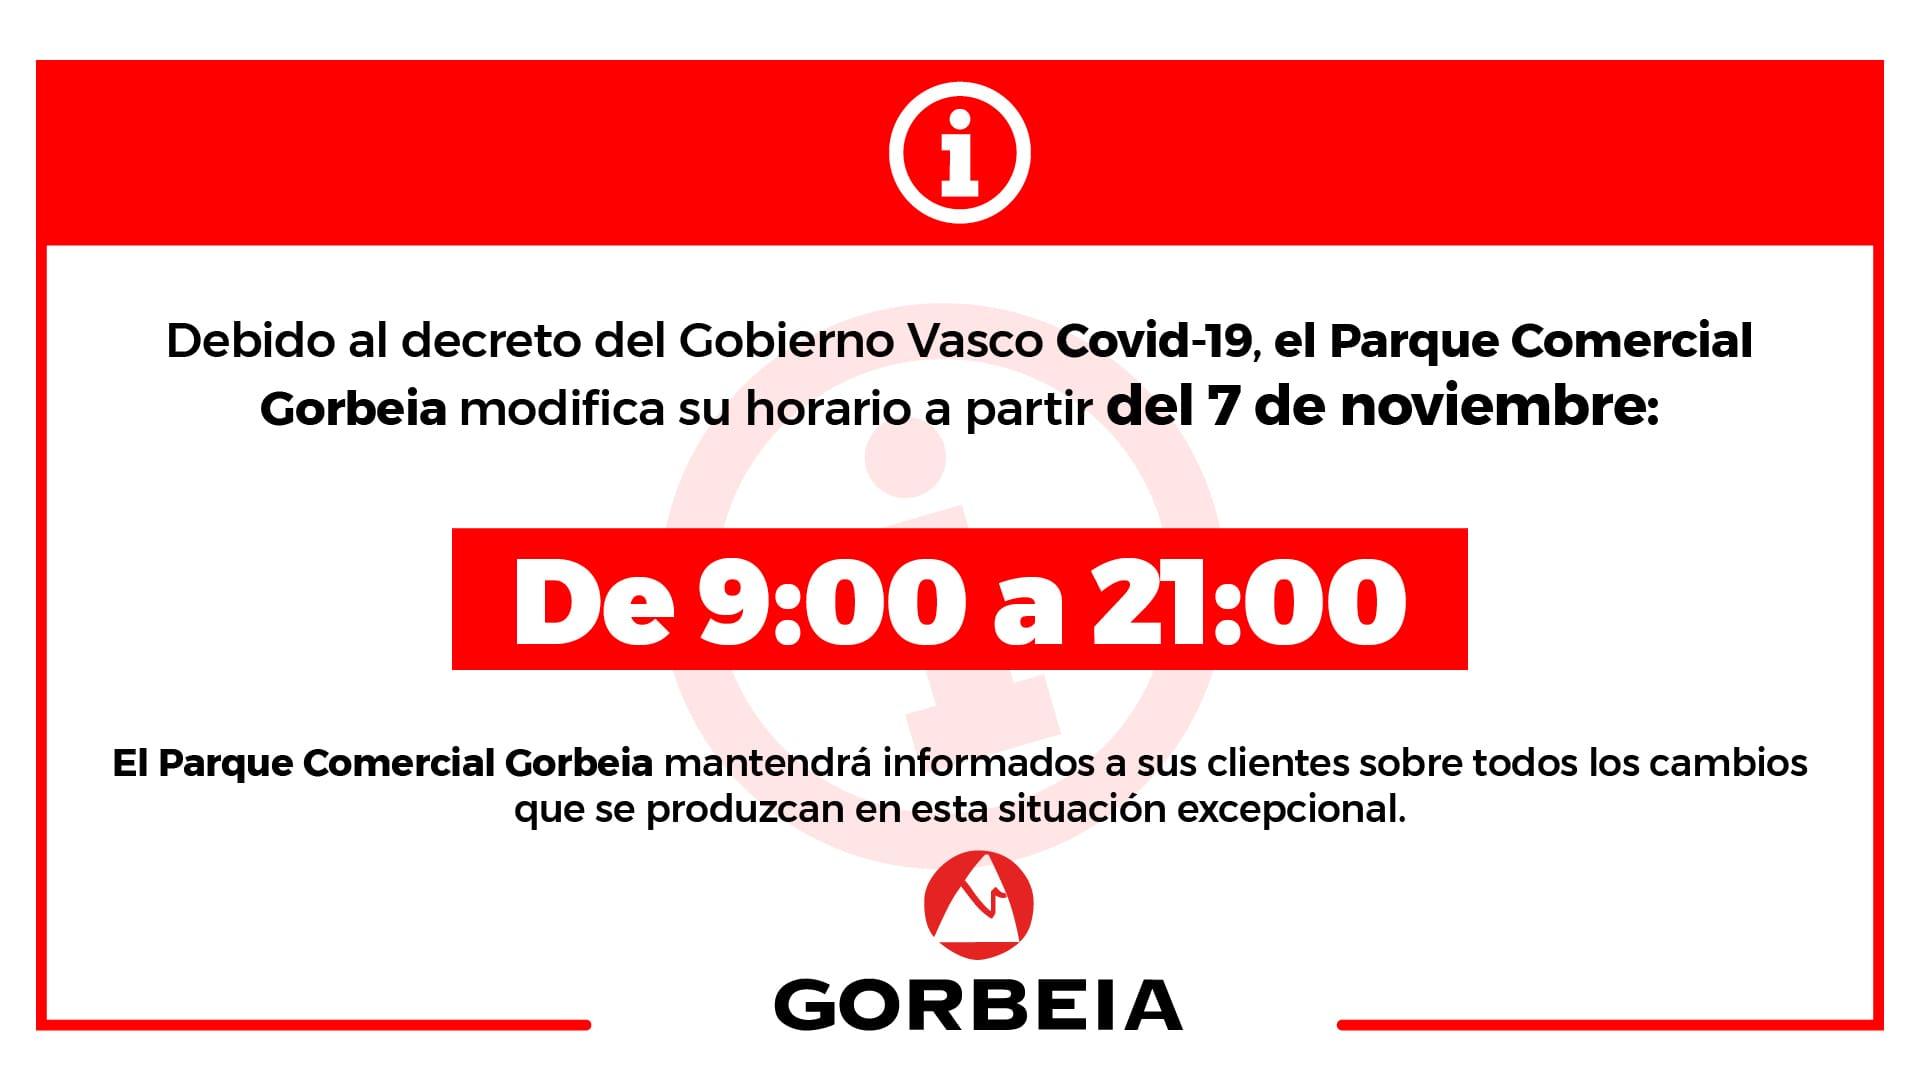 Nuevo horario en Gorbeia (Decreto Gobierno Vasco Covid 19)